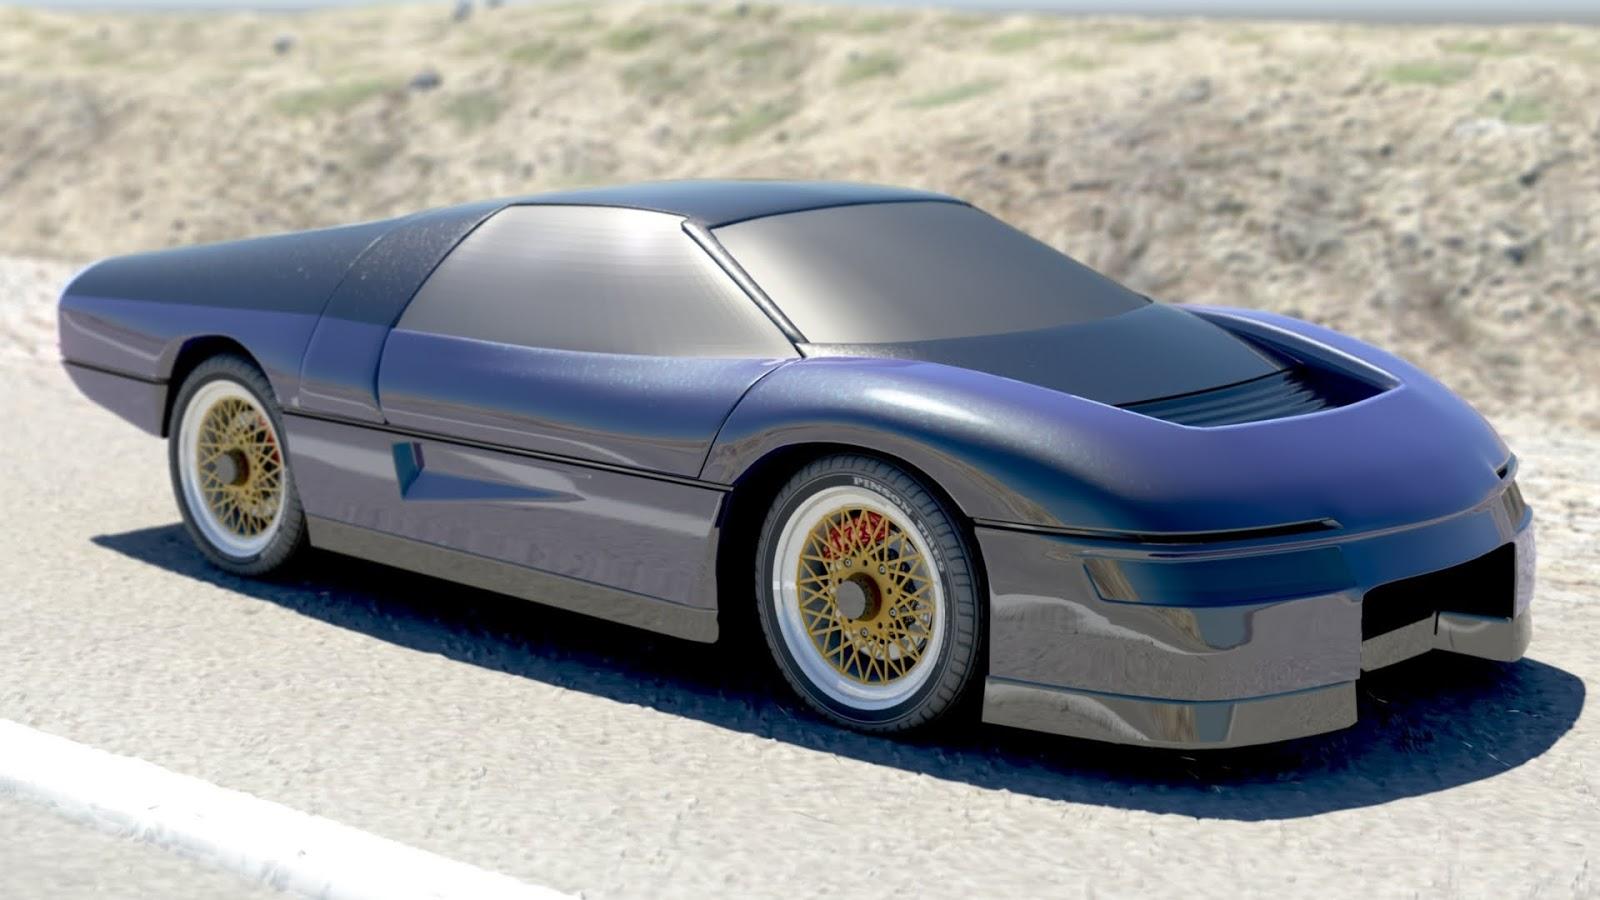 The Wraith Car: The Wraith